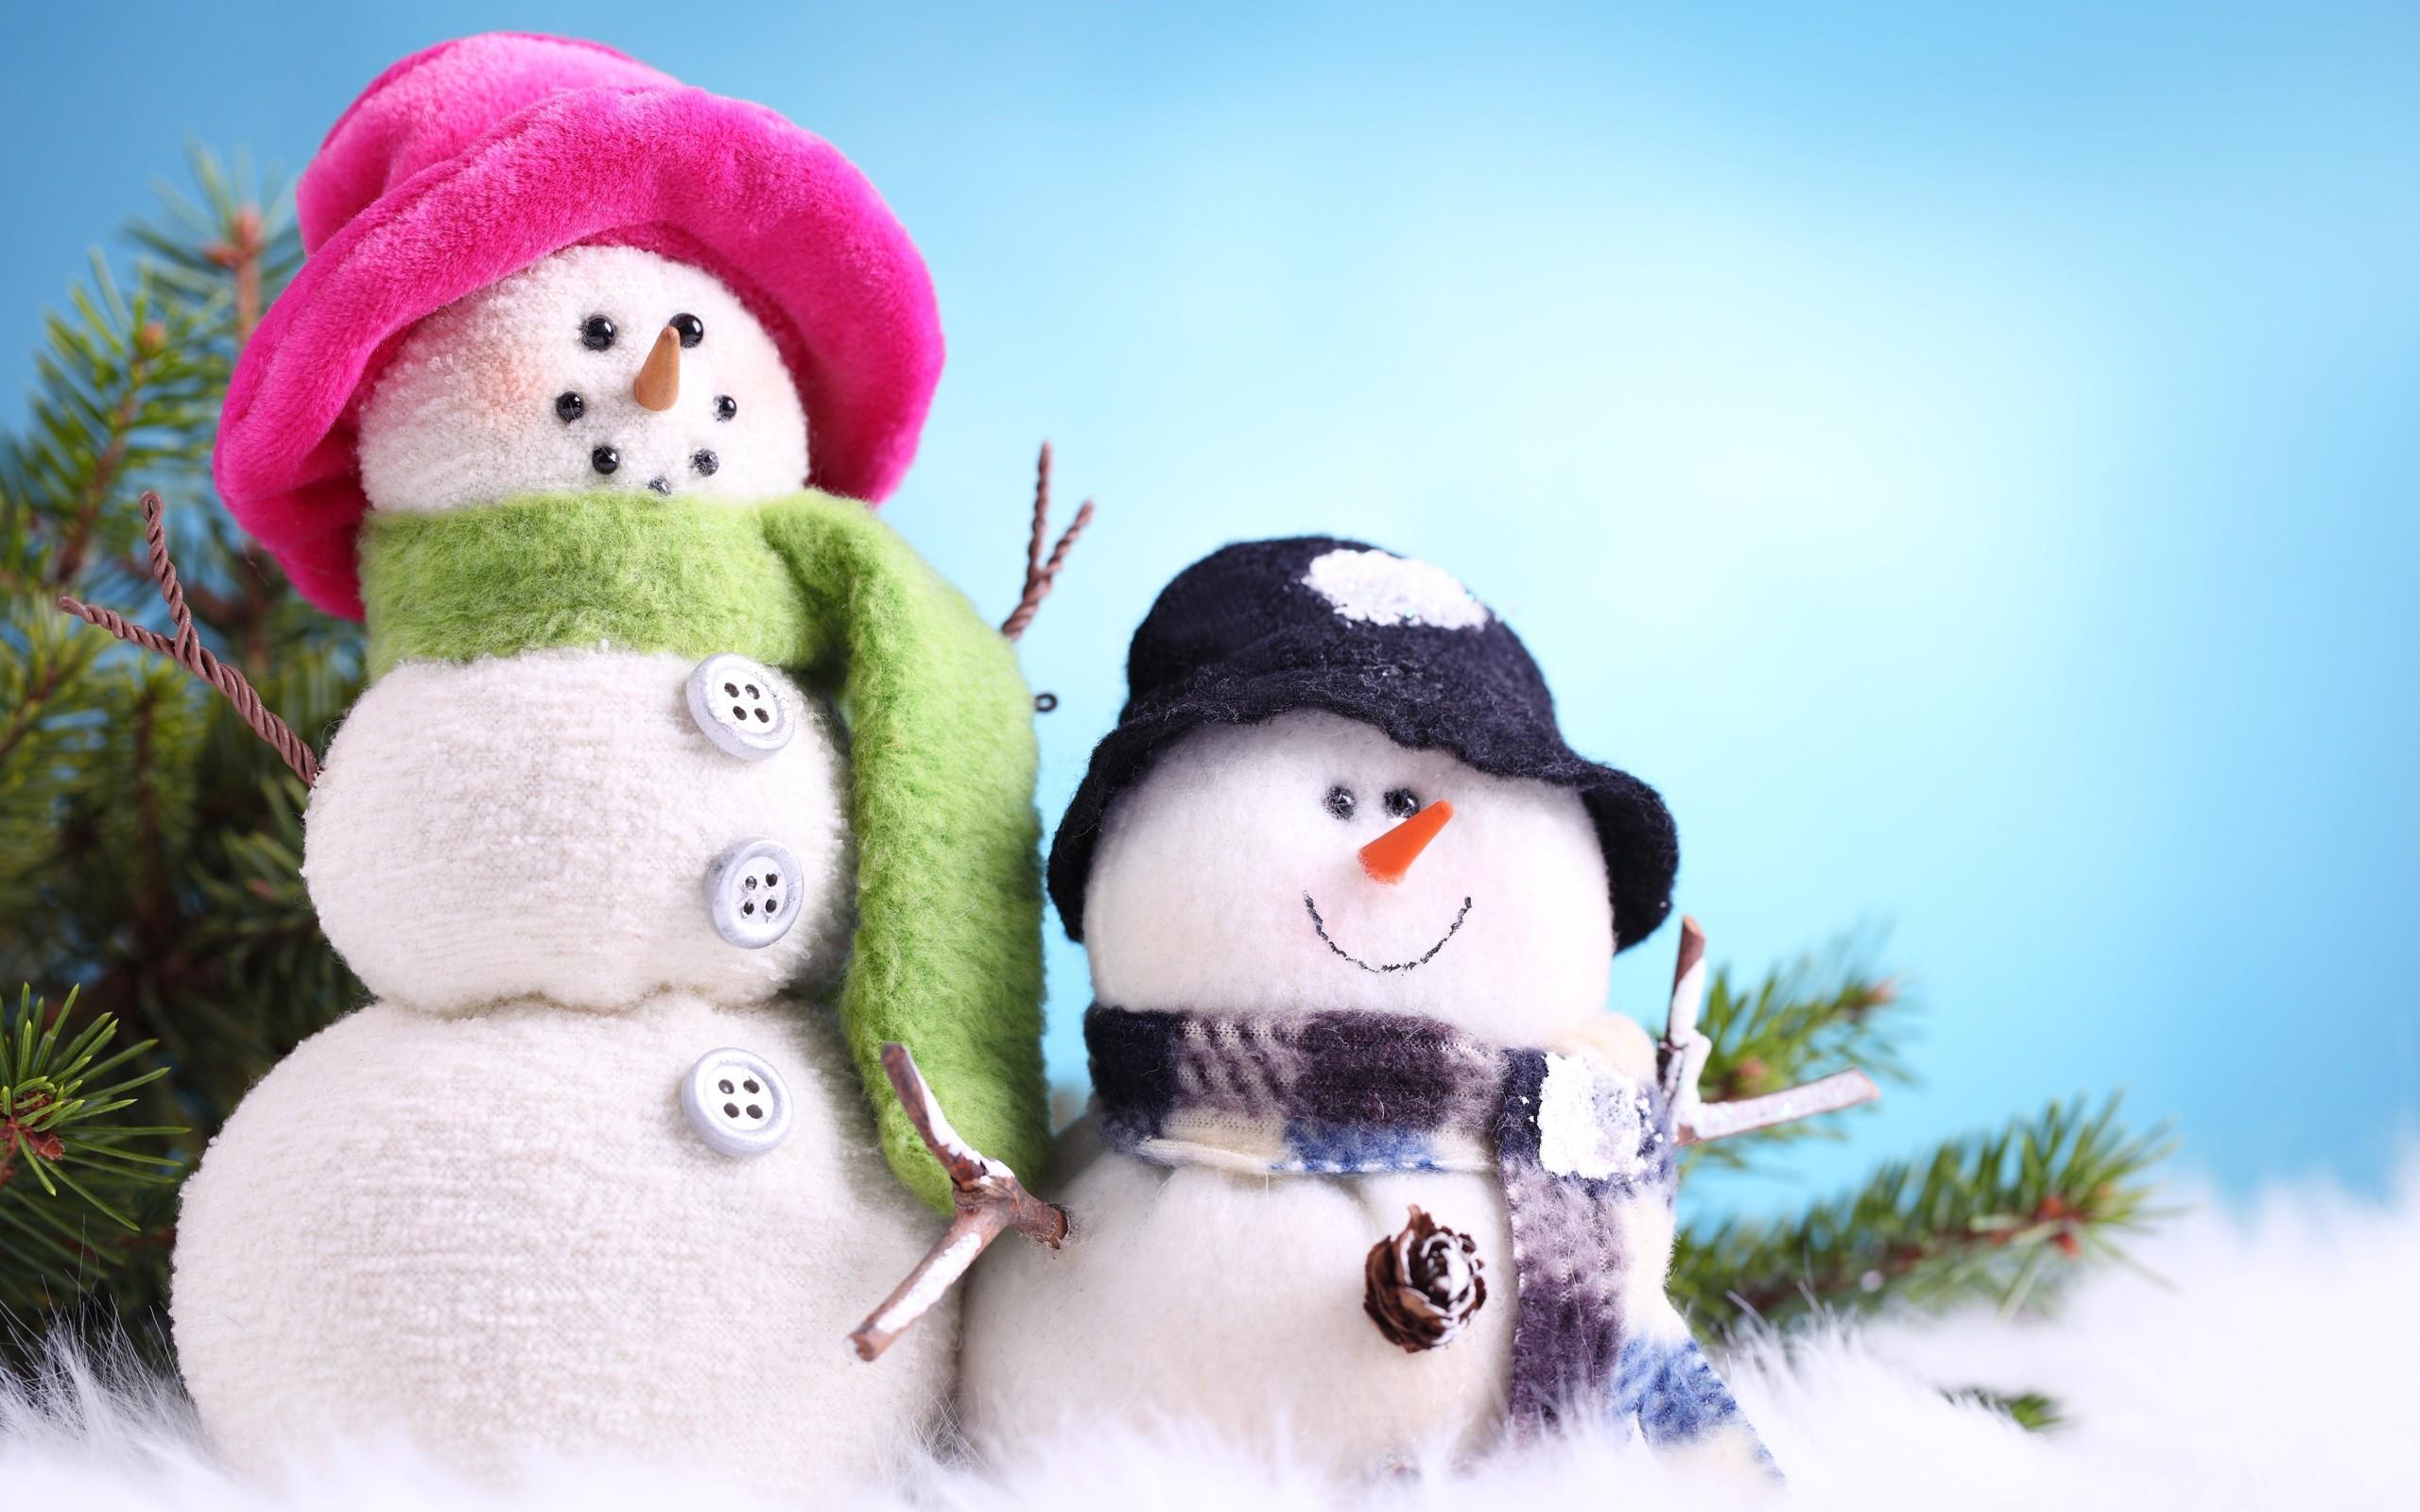 Muñeco de las nieves - 2560x1600